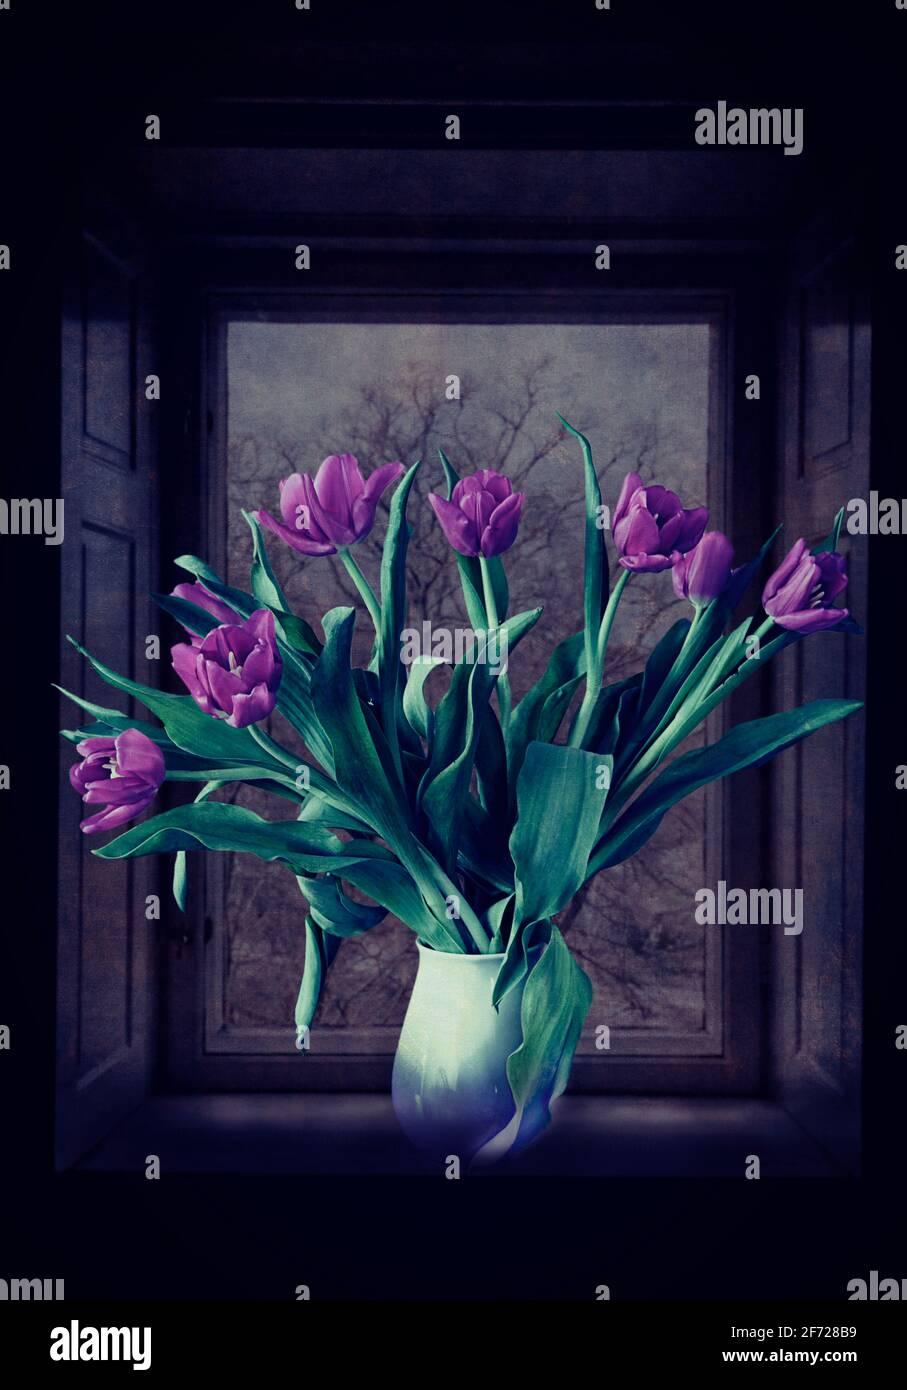 Encore la vie, bouquet de tulipes violettes sur le rebord de la fenêtre, avec la faible lumière d'un paysage d'hiver dehors Banque D'Images